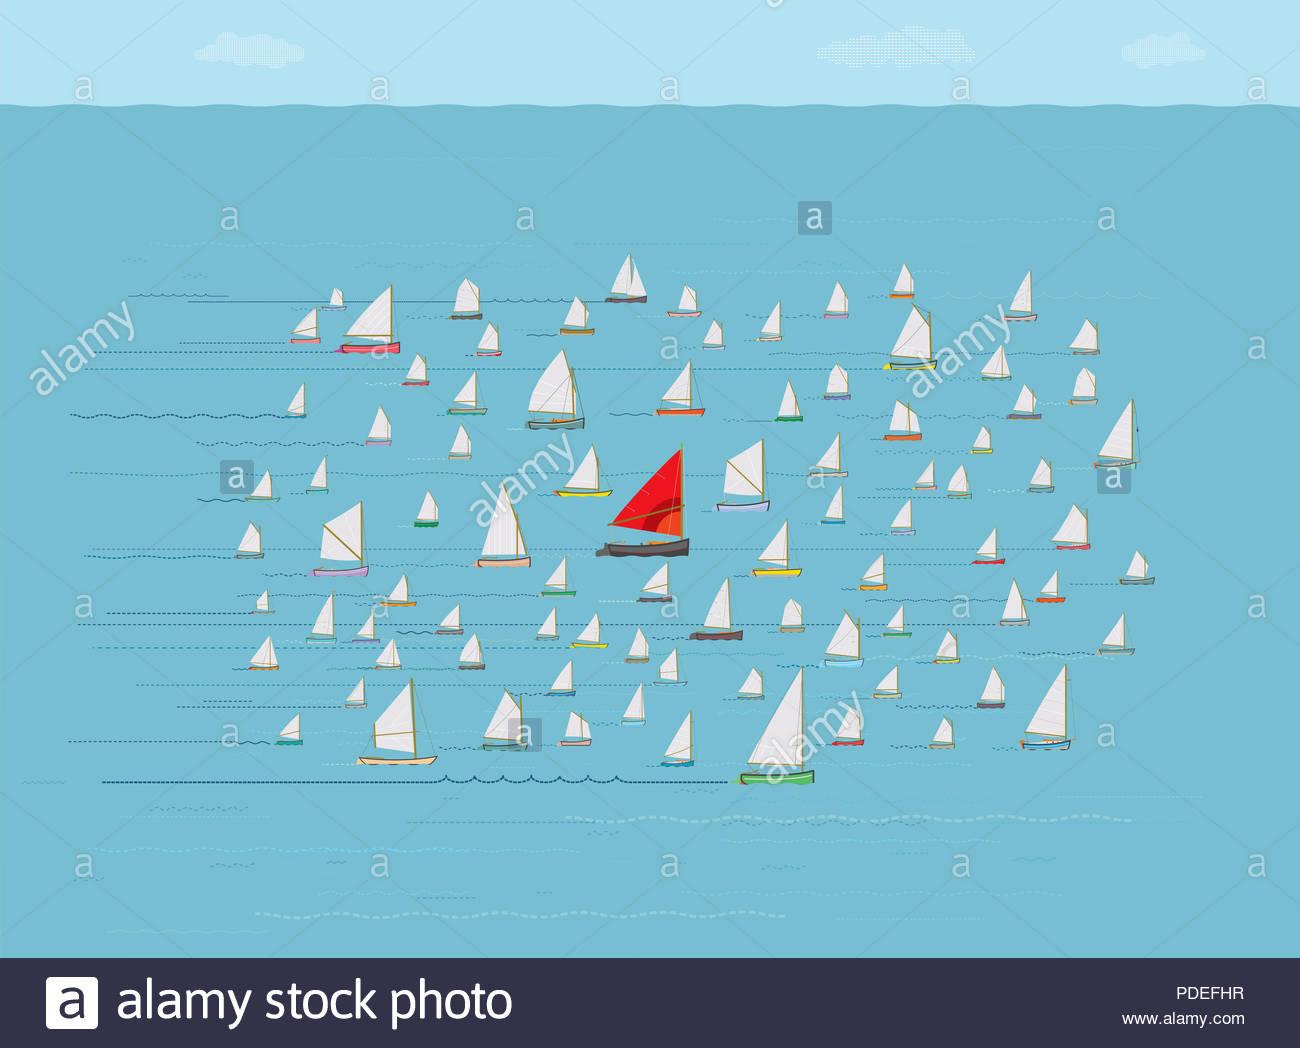 Gehen Sie mit dem Fluß Segelboot, das zusammen mit der Masse, Sicherheit in den Zahlen, Nautik, Konzepte und Ideen, gleiche Richtung, Laufen mit dem Pack Stockbild